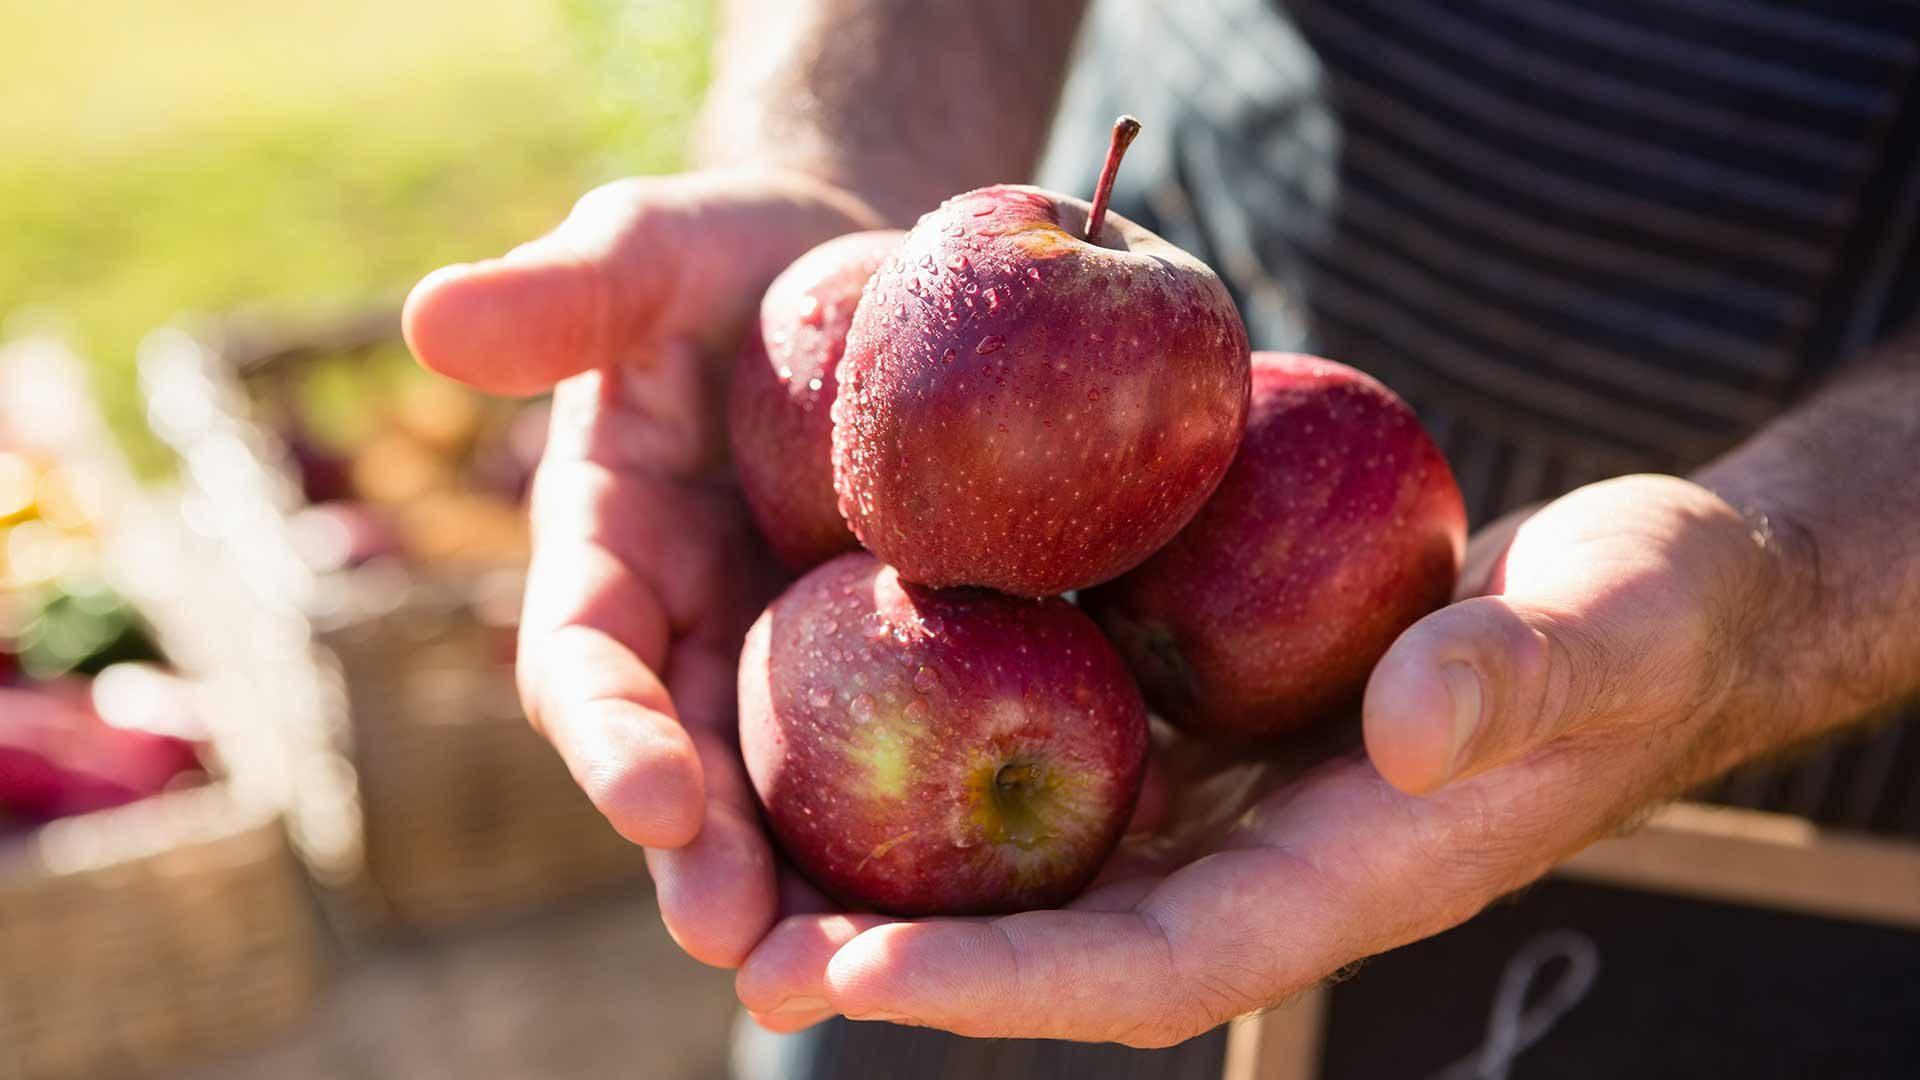 Partschinser Apfelführungen